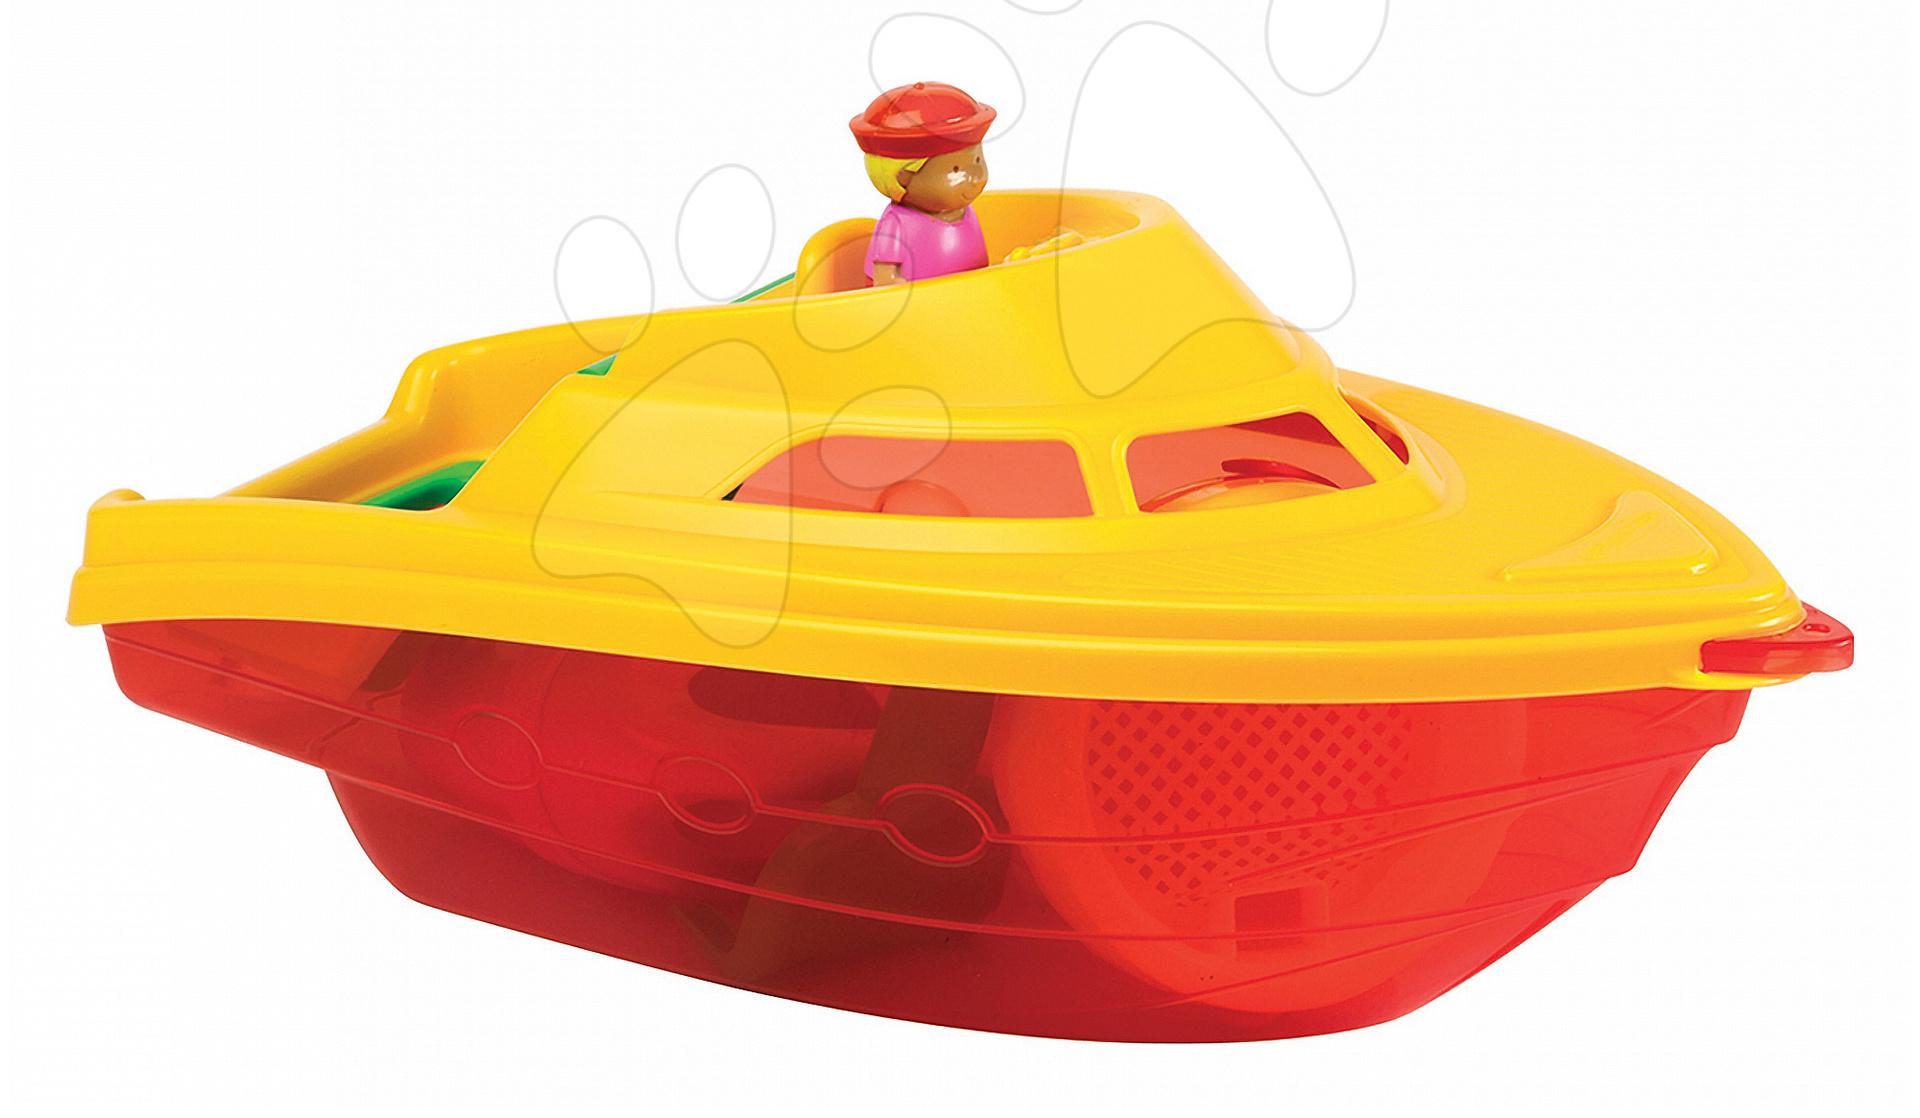 Lodě do písku - Člun s kbelík setem Écoiffier 6 dílů délka 35 cm červeno-žlutý od 18 měsíců